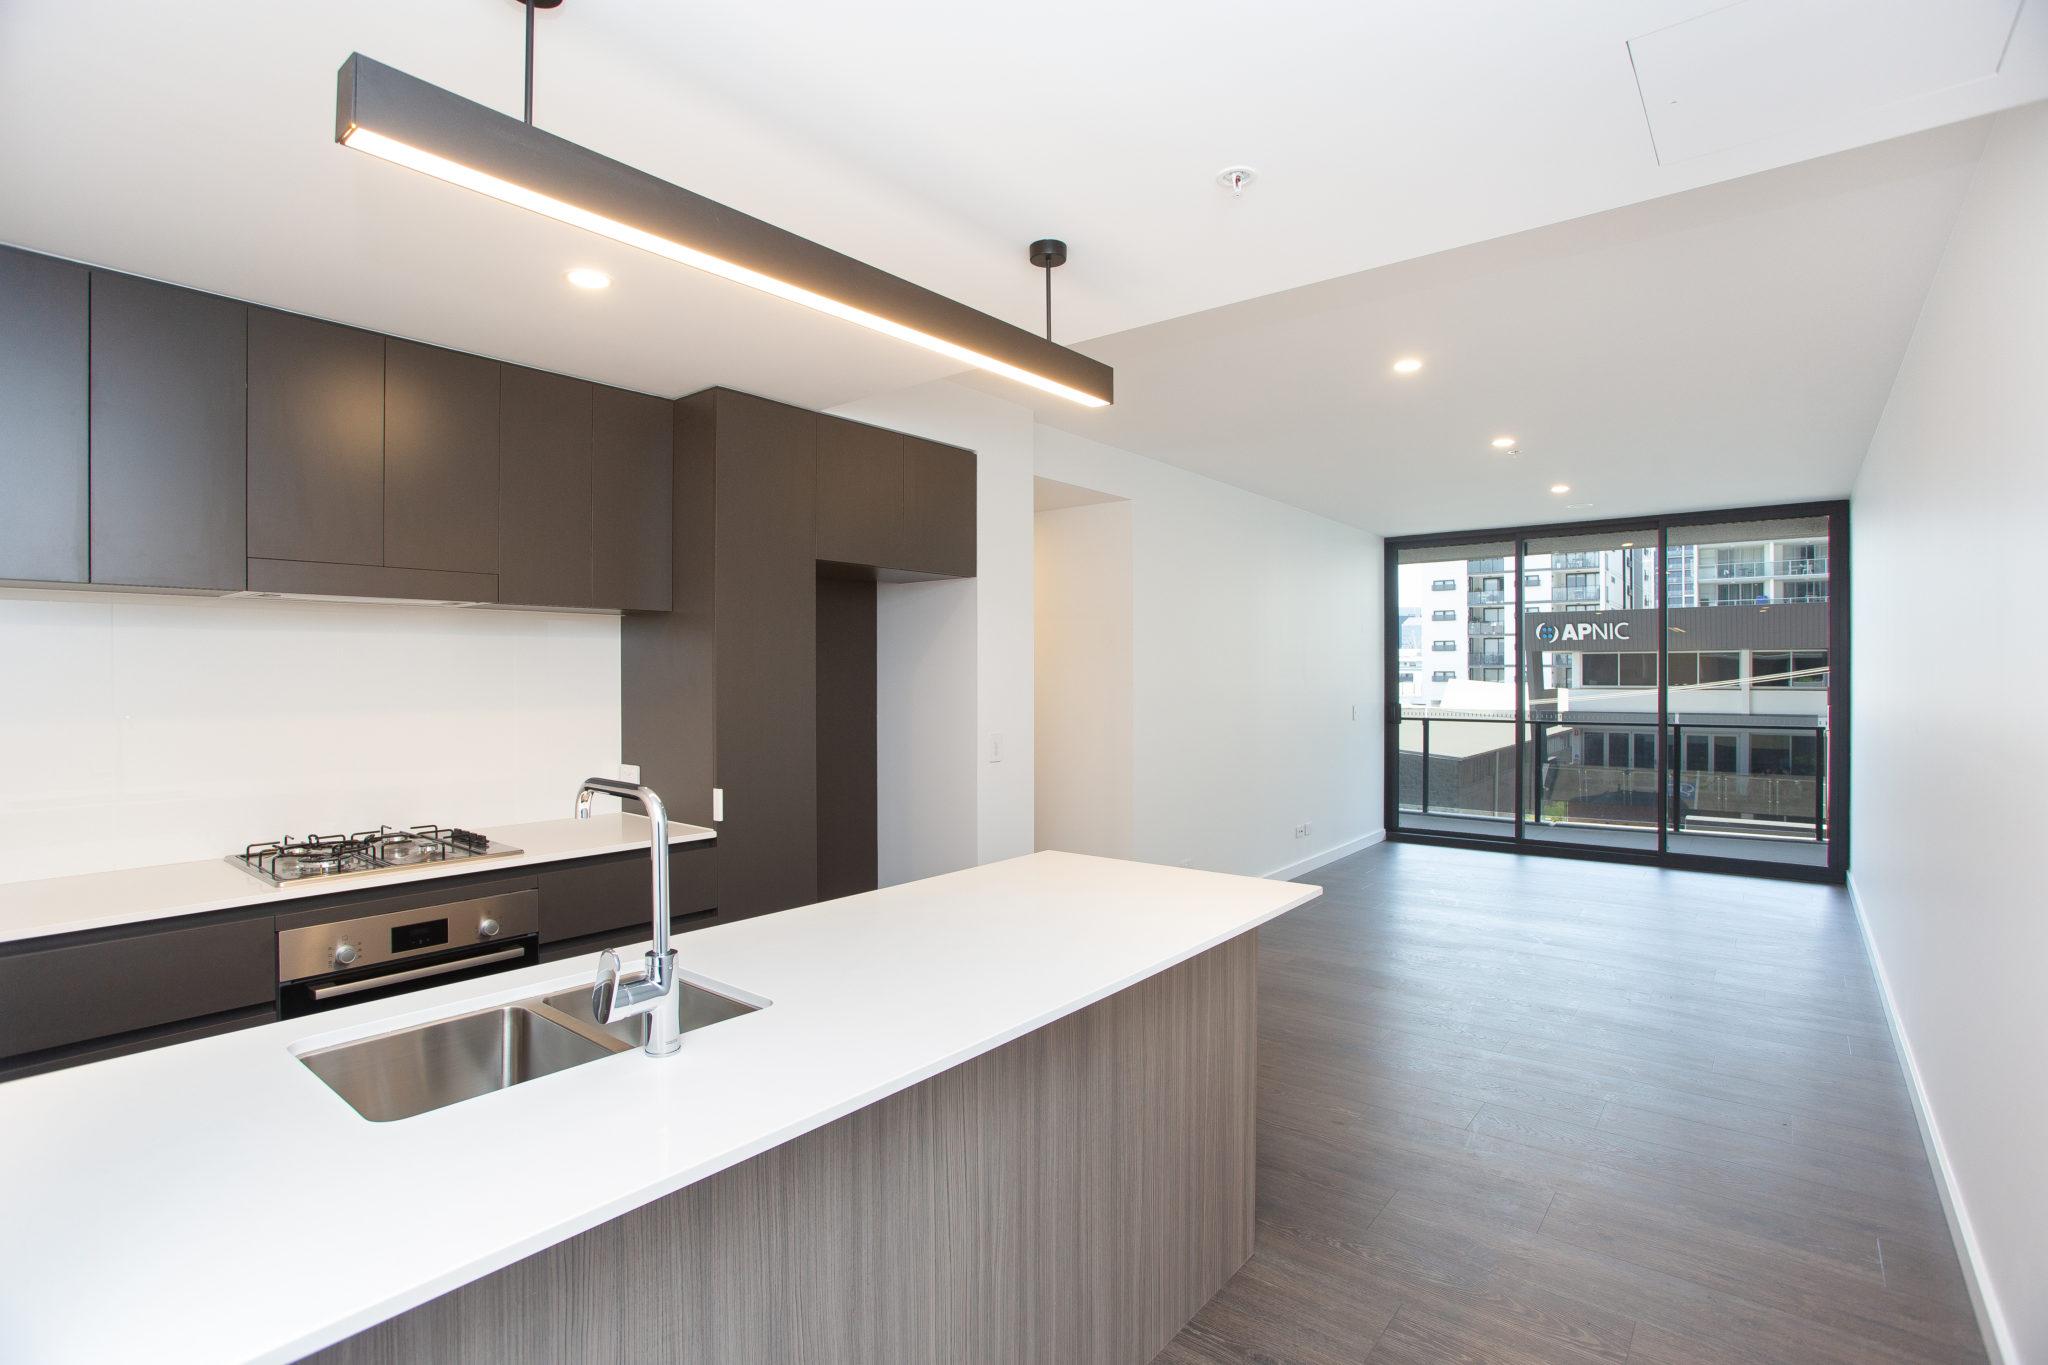 Apartment 30603 - 90sqm